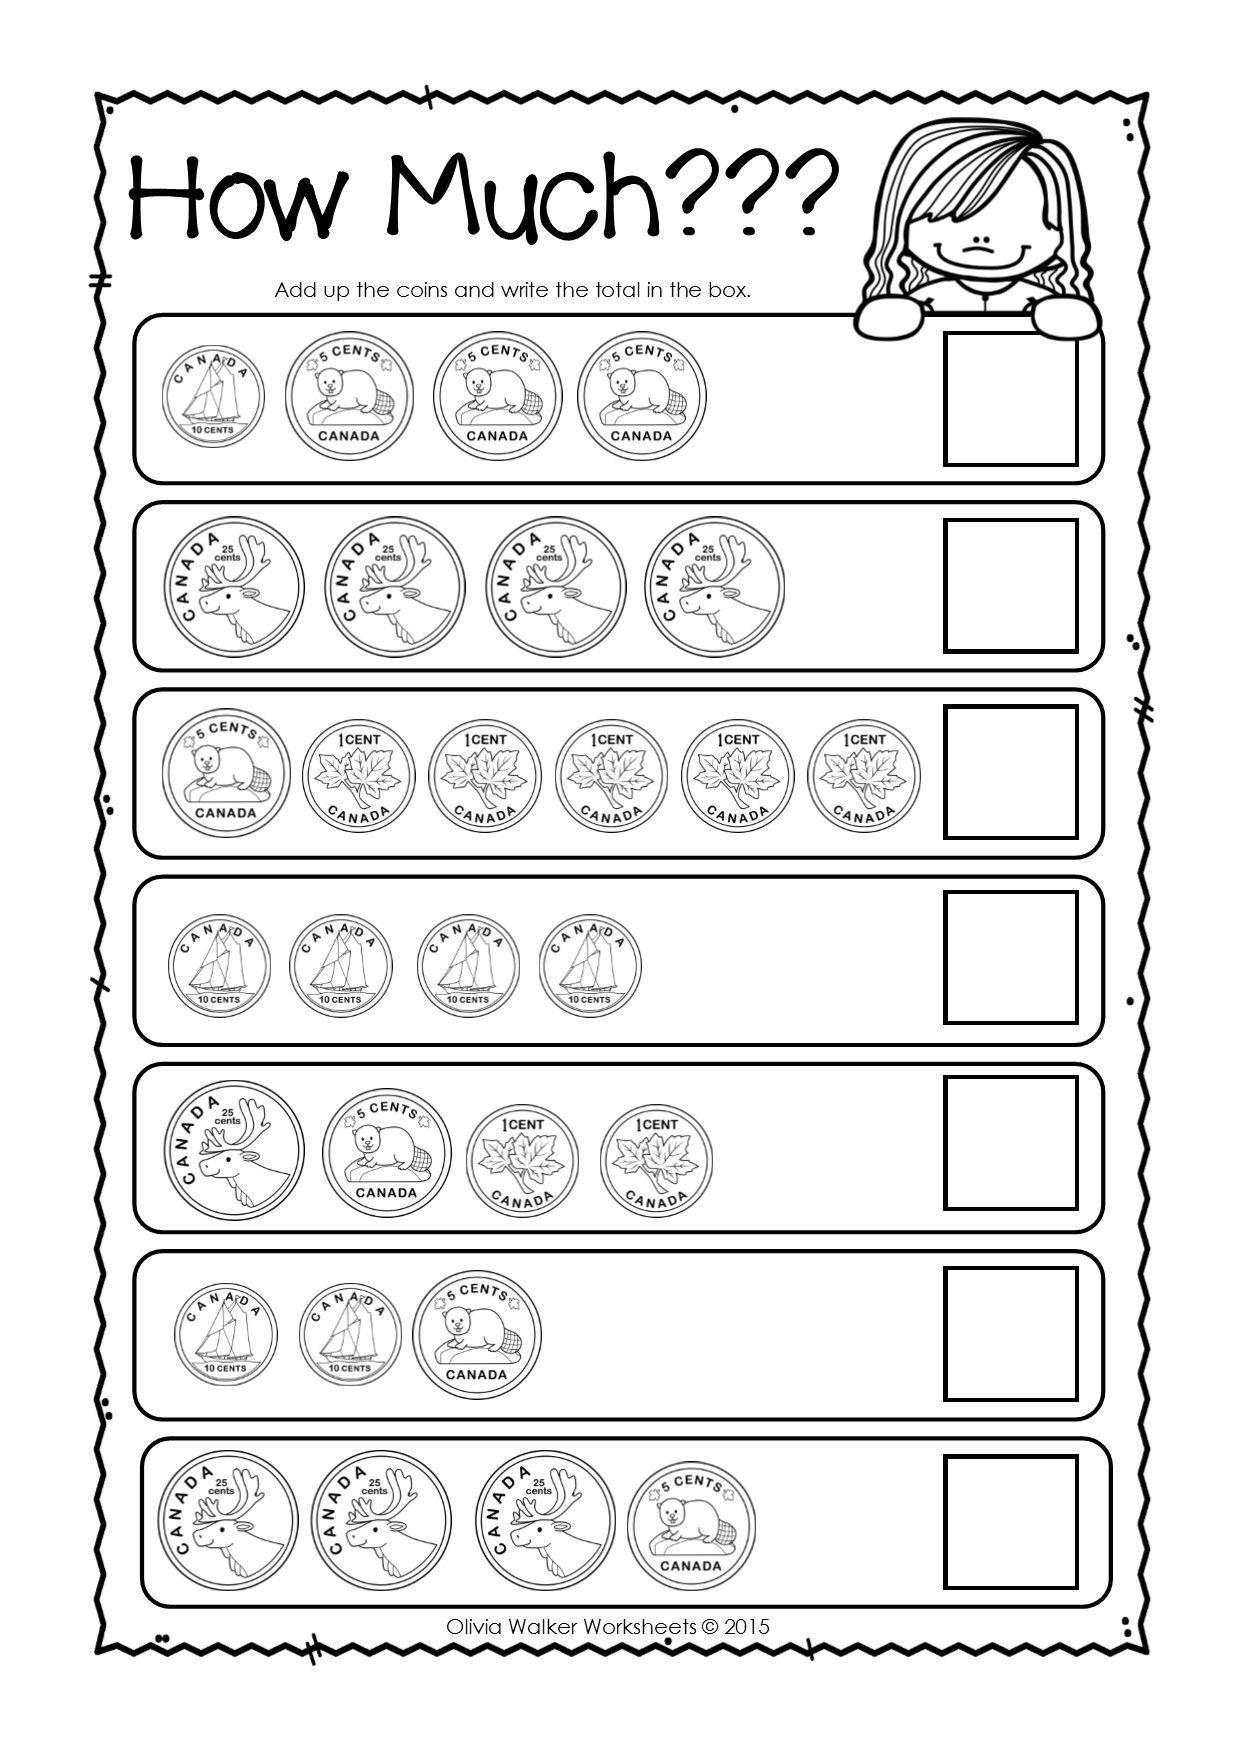 1st Grade Money Worksheets Math Worksheet For Kids Money Worksheets Counting Money Worksheets Kindergarten Money Worksheets